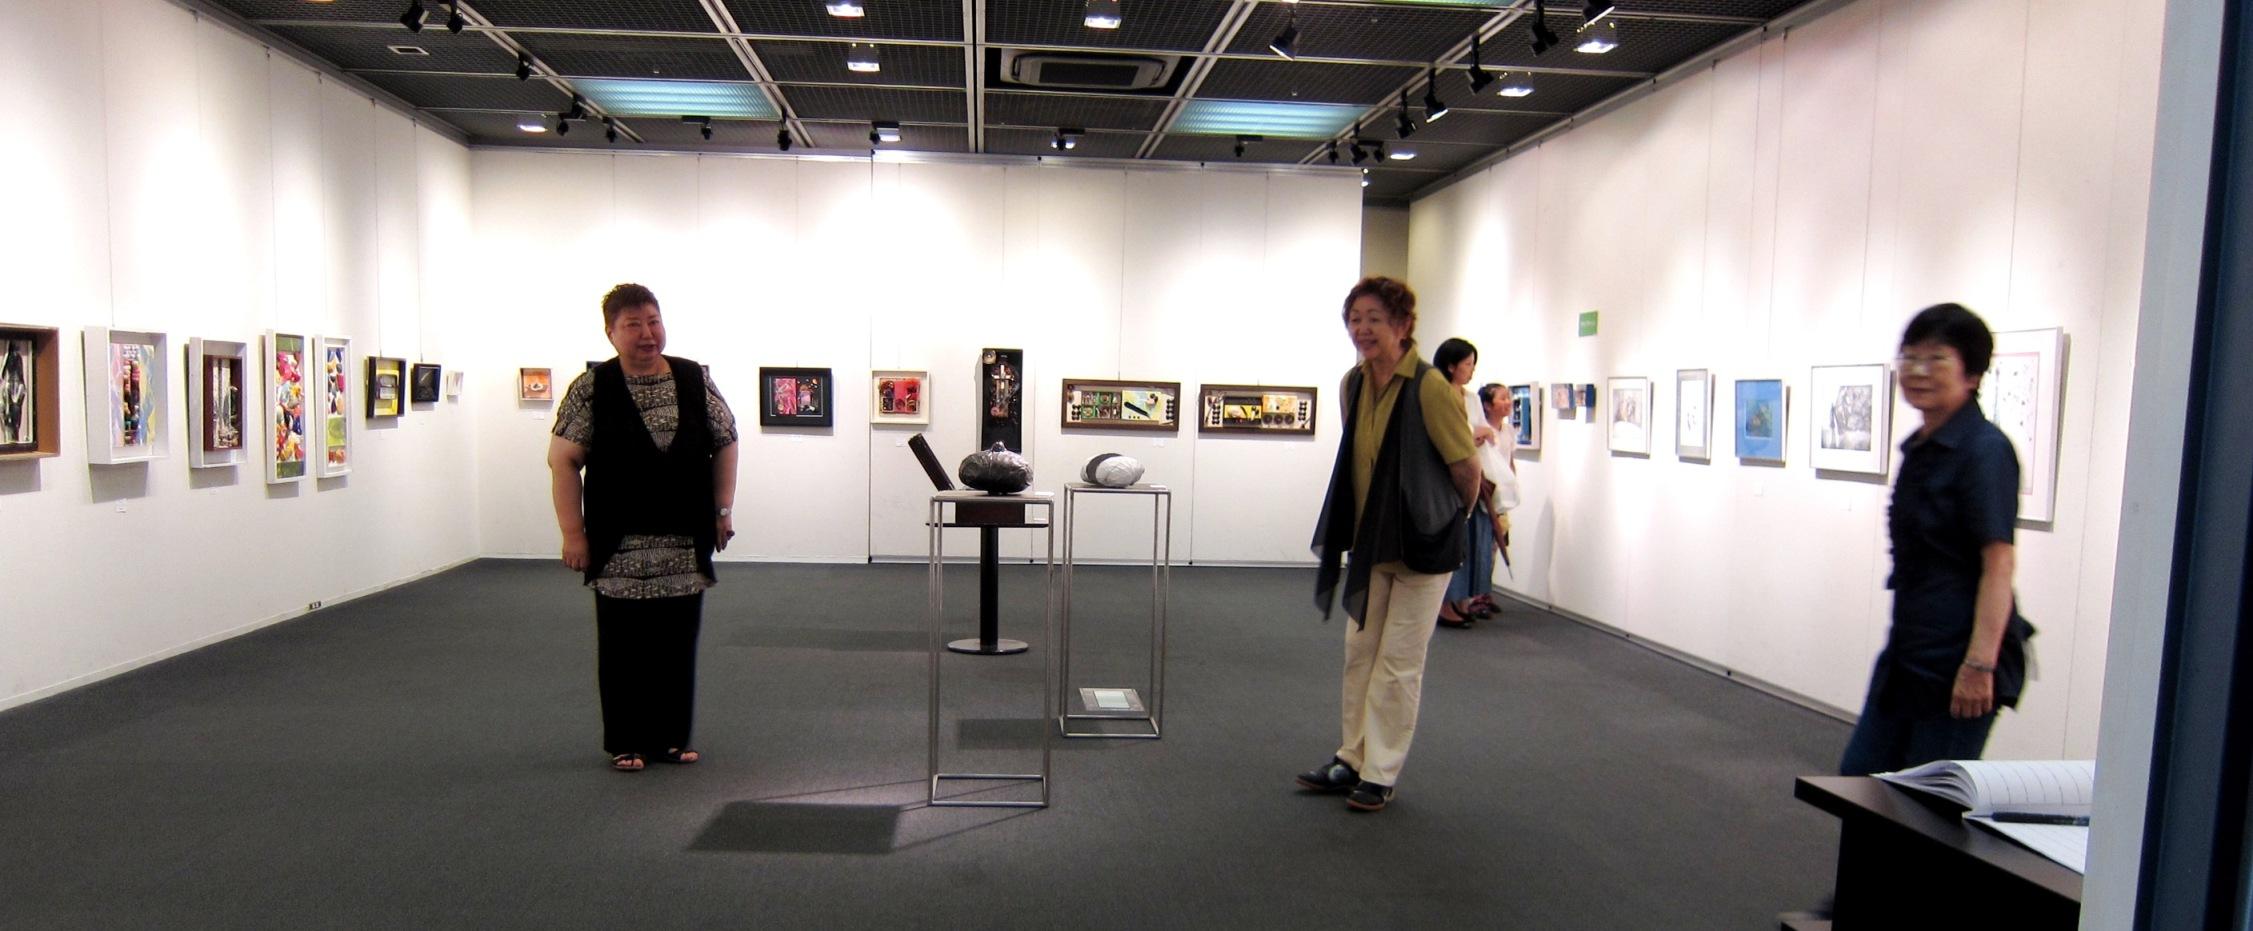 2156)「日本美術家連盟北海道地区 アーティストによる拡げる表現展」スカイ. 終了8月13日(火)~8月18日(日)_f0126829_1424764.jpg